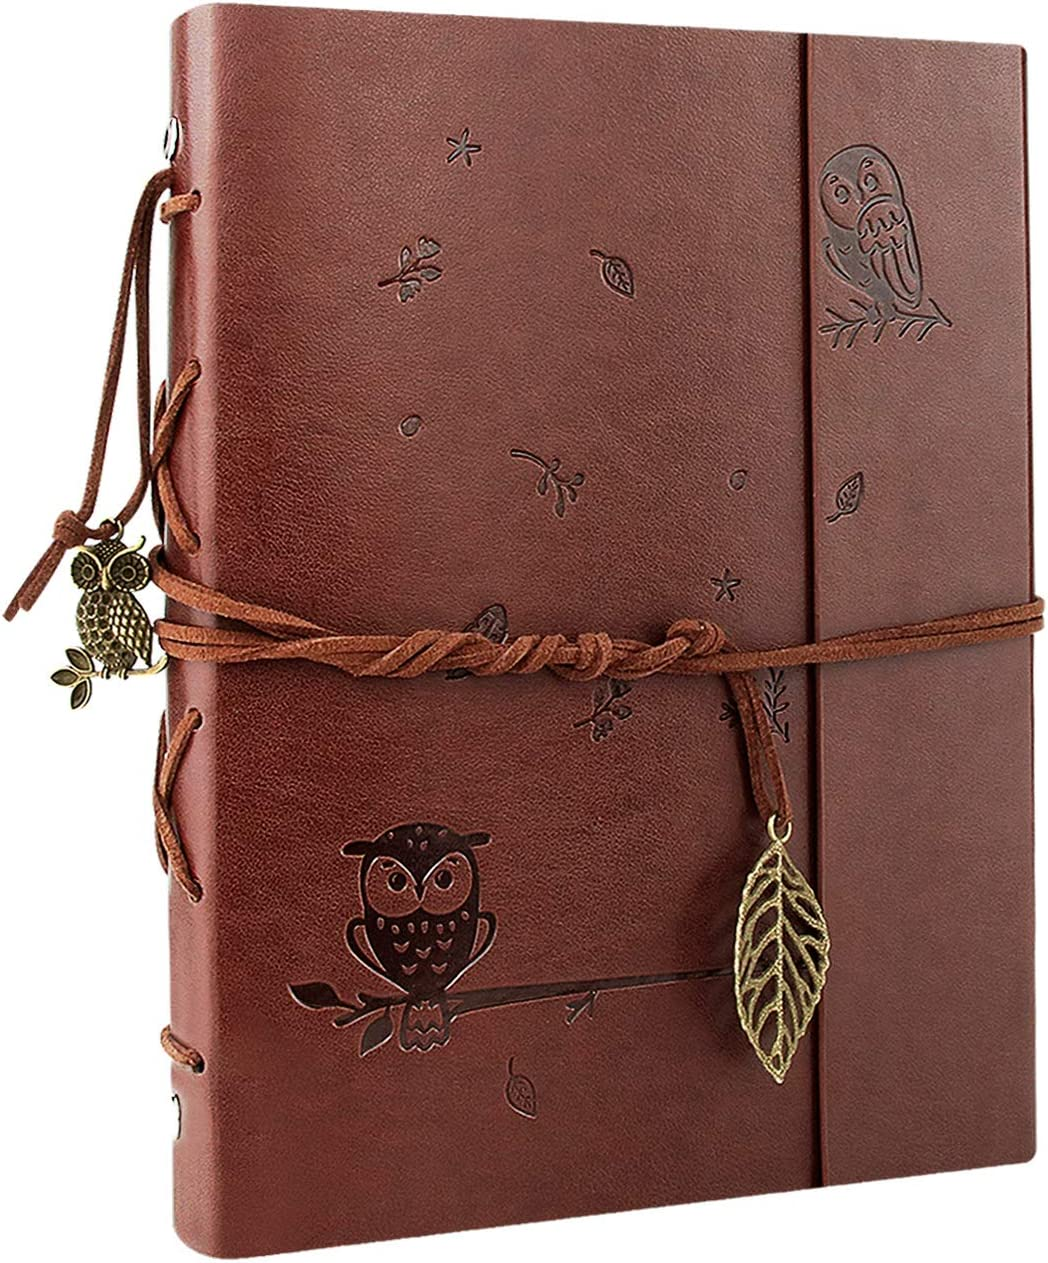 VEESUN Cuaderno de Cuero A5, Retro Libreta Bonitas de Viaje, Cuaderno Vintage Agenda, Recargable Bloc de Libros en Blanco Diary Regalo, Diario de La Regalo Para Hombres Mujeres Estudiantes, Búho